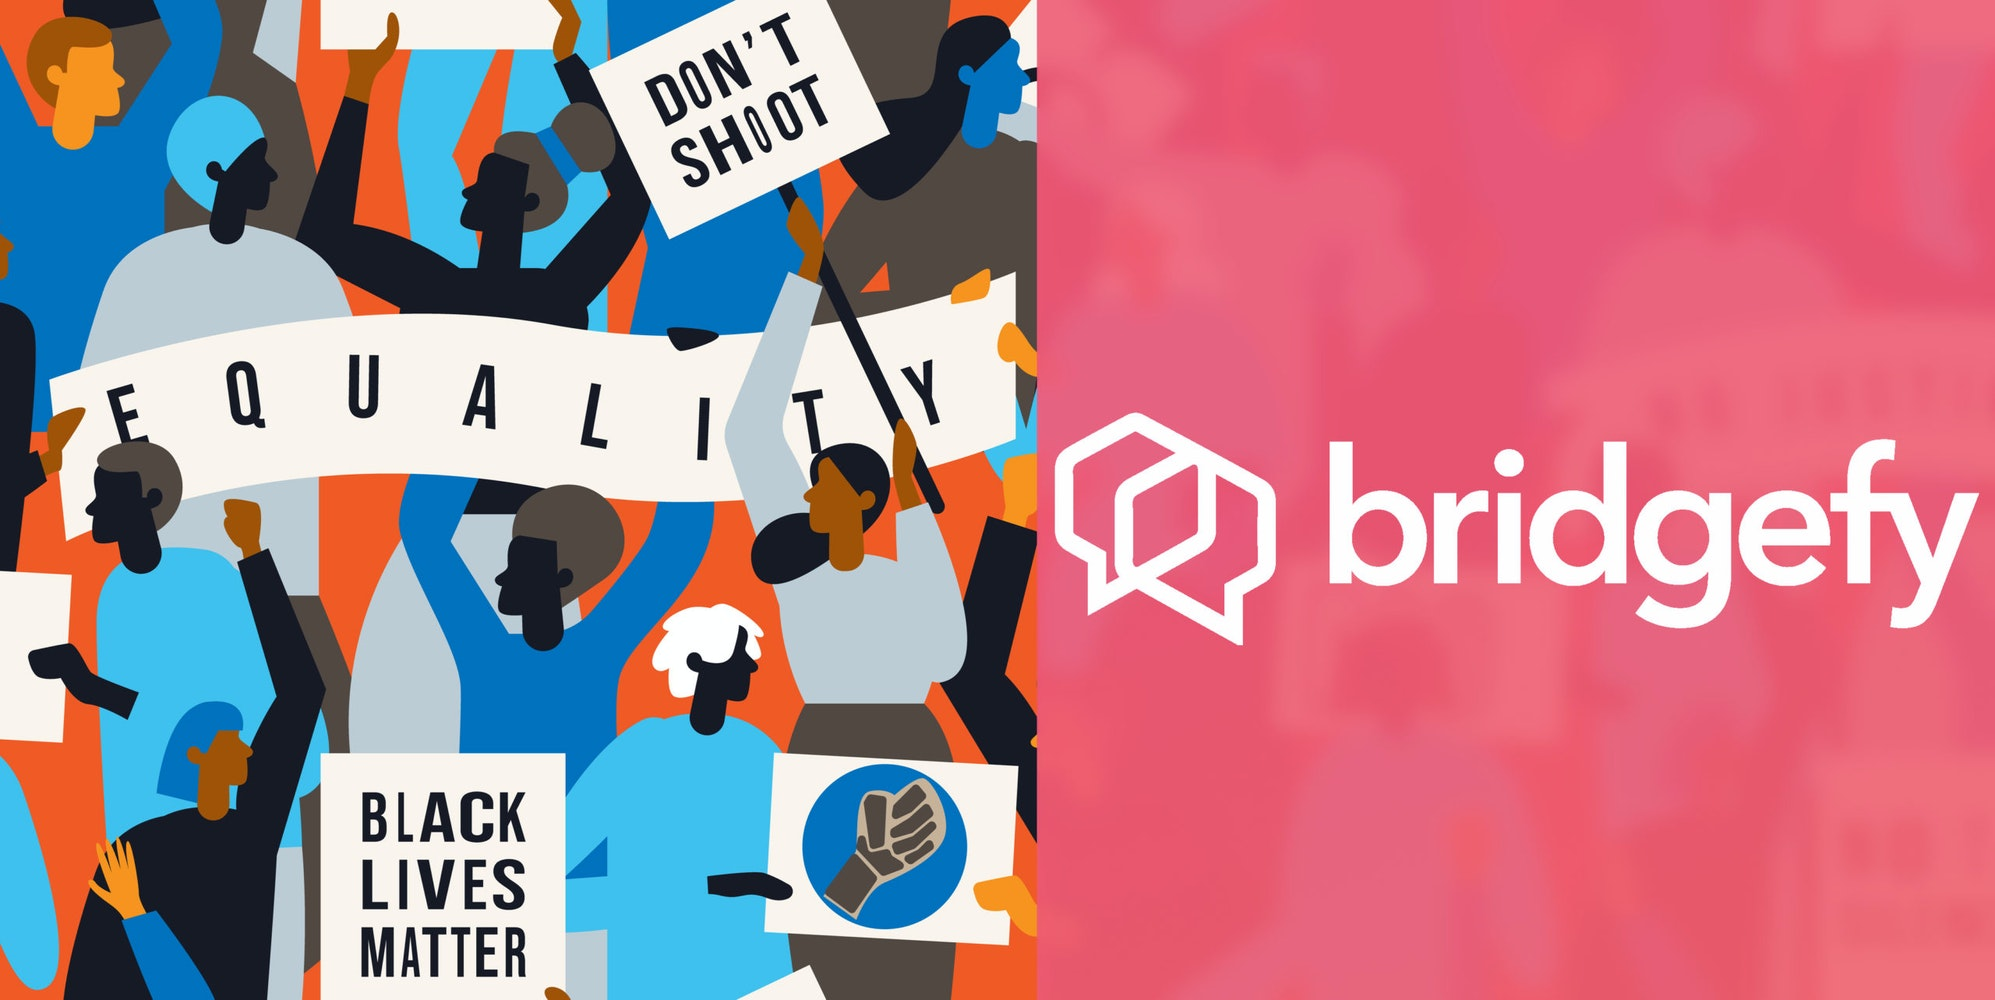 Bridgefy App Protest